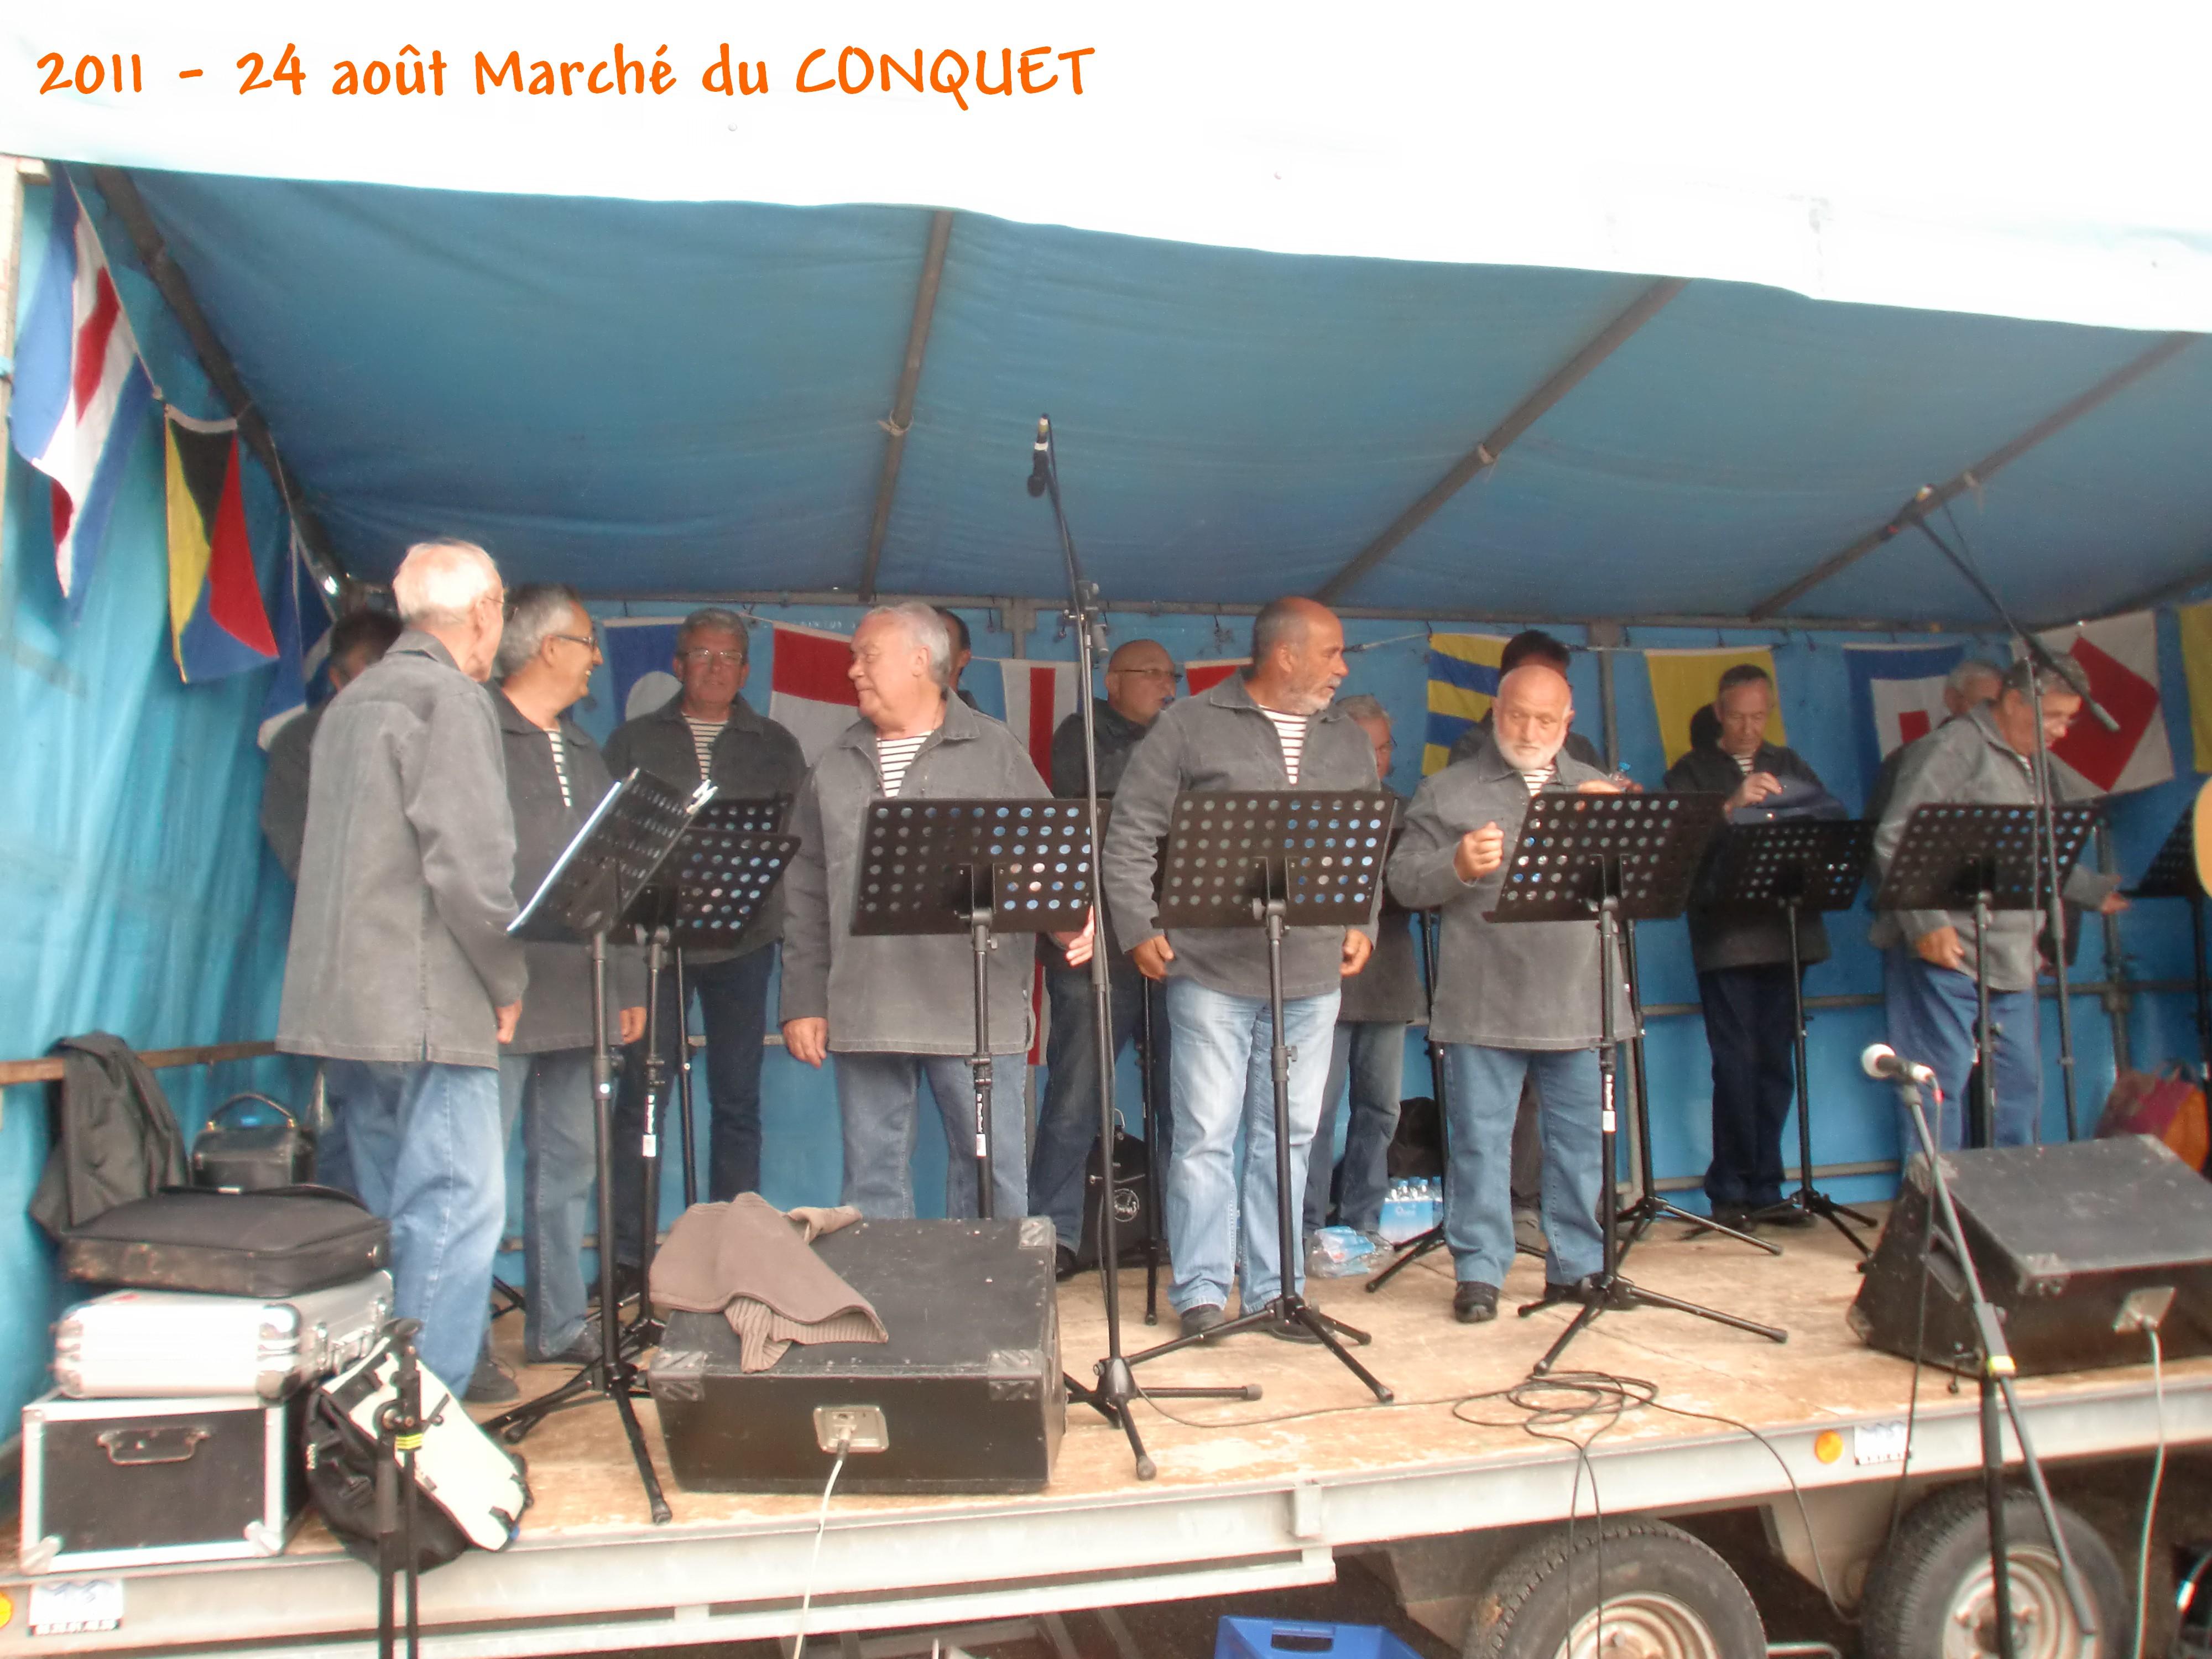 concert sous la pluie mairie du conquet 002